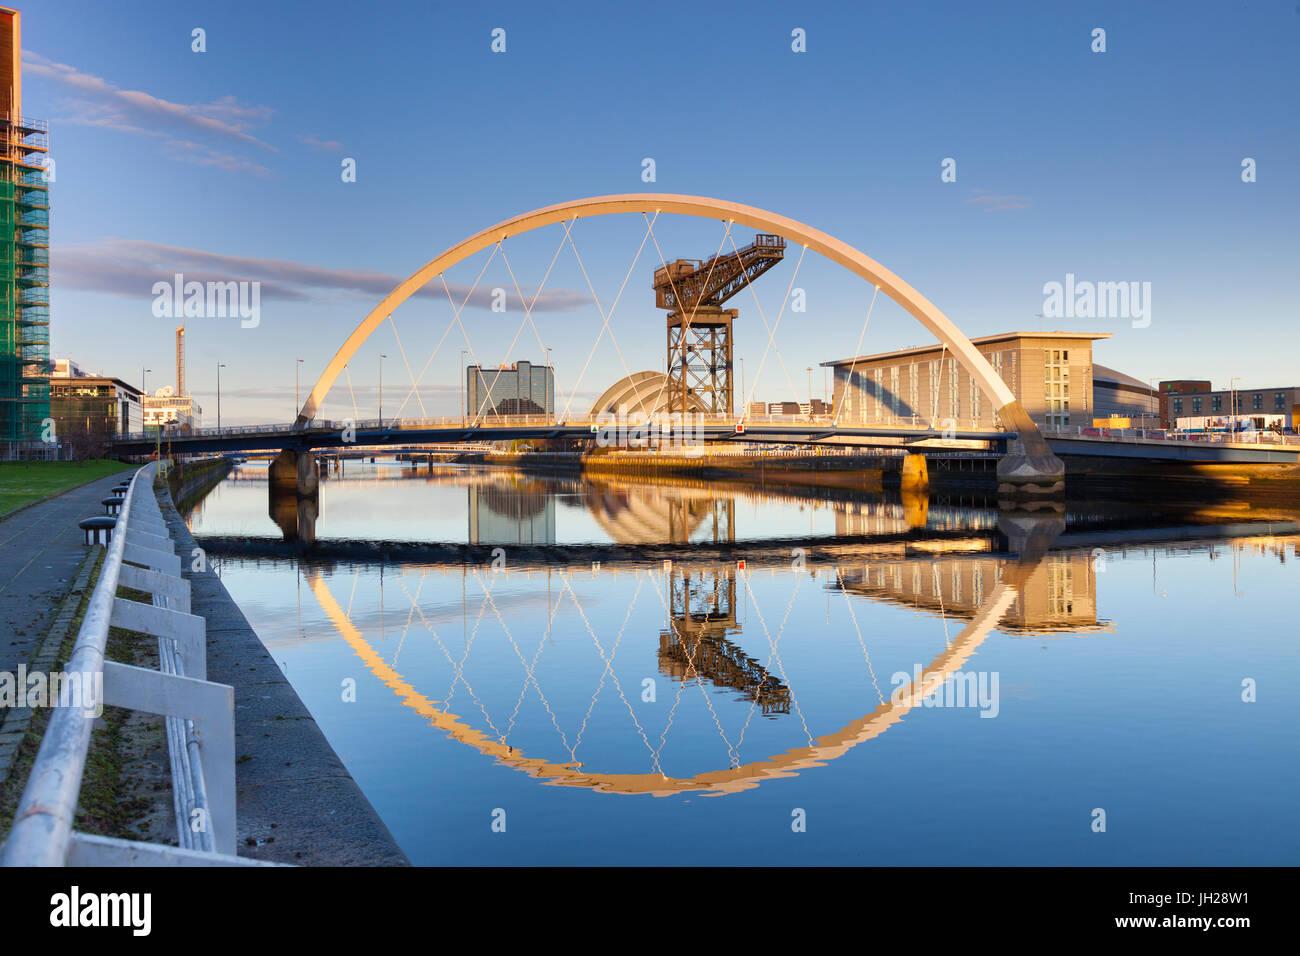 Le Clyde Arc (Pont aux), Glasgow, Ecosse, Royaume-Uni, Europe Banque D'Images